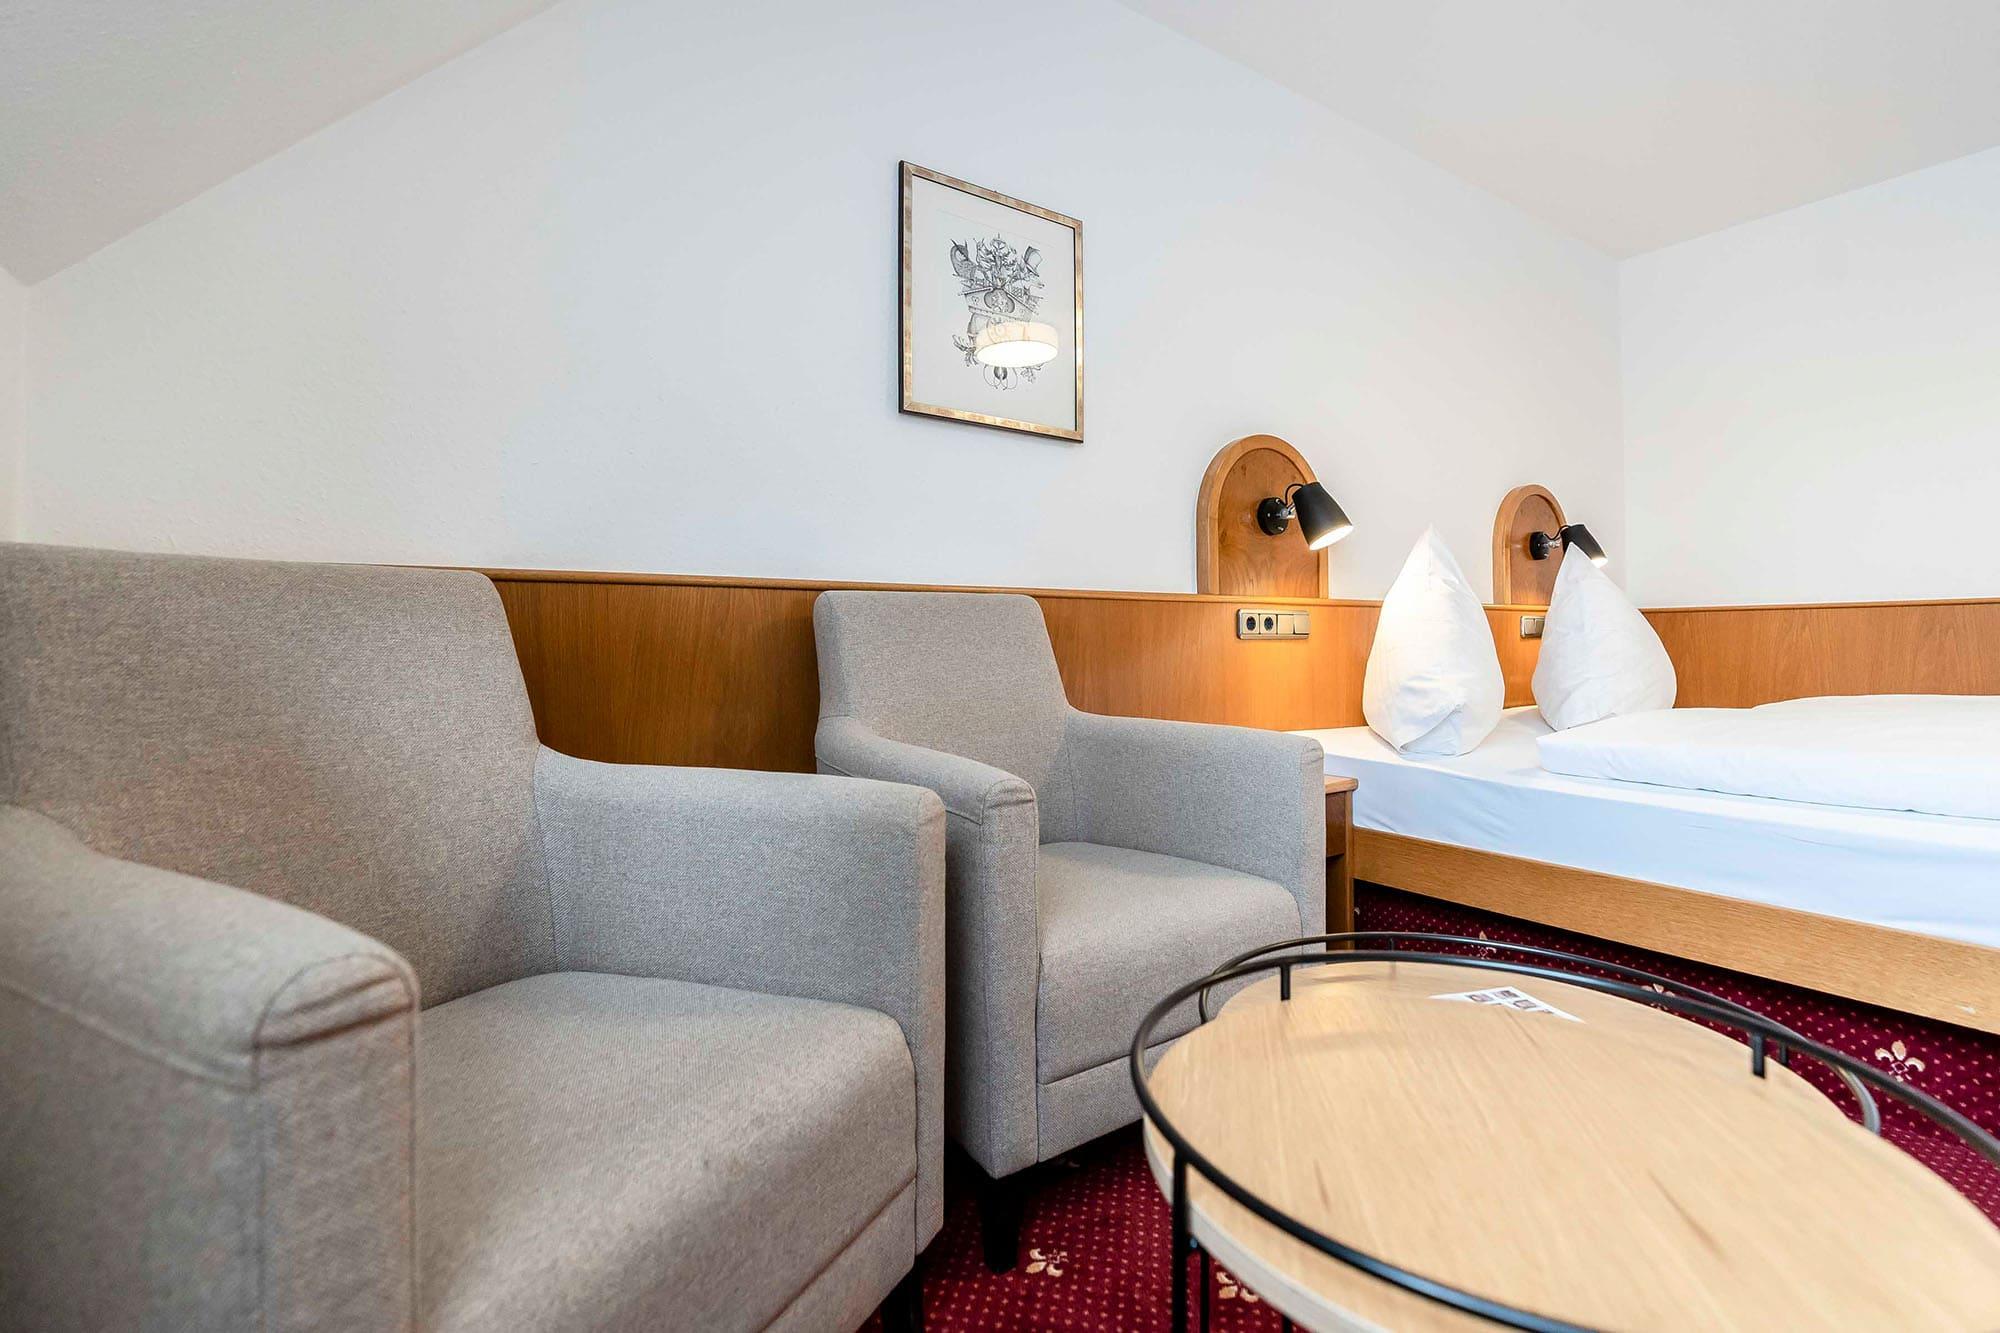 Hotel Gasthaus Loewen Buchholz Sitzgruppe